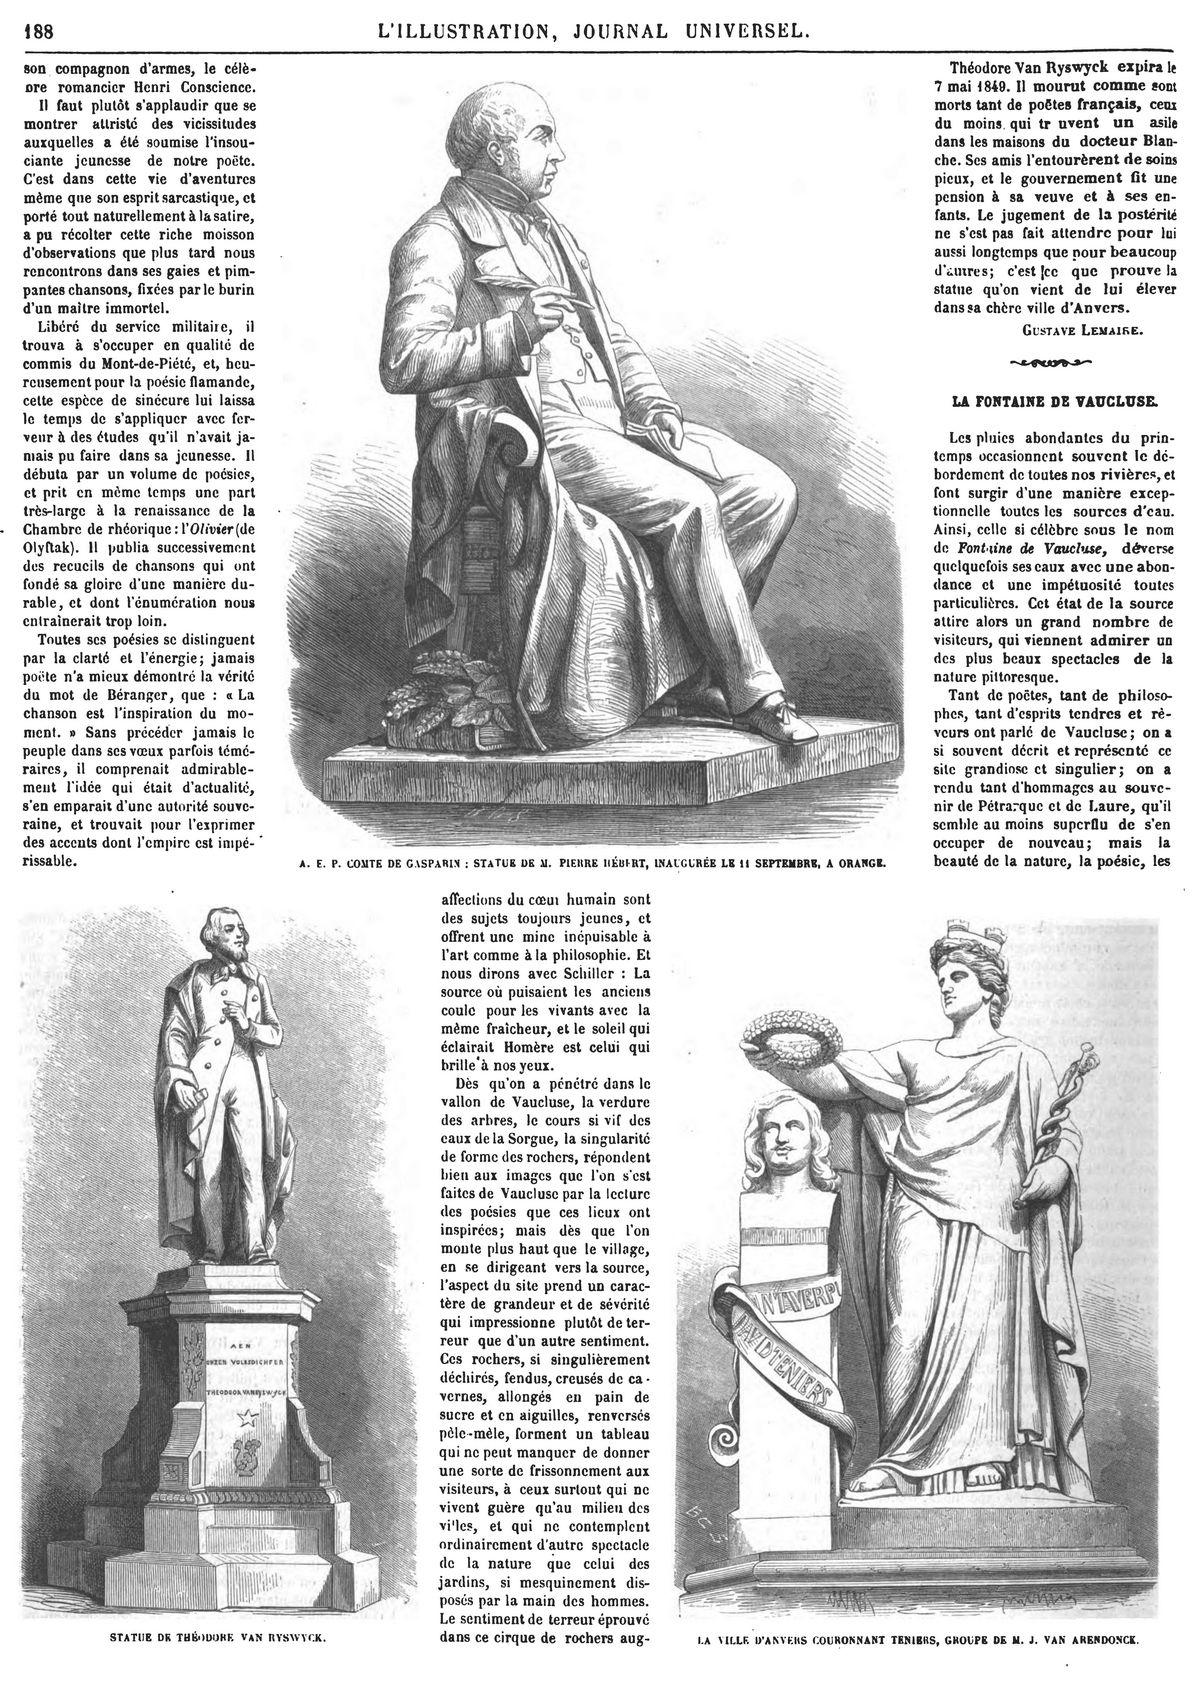 A.-E.-P. comte de Gasparin ; statue de M. Pierre Hubert, inaugurée le 11 septembre, à Orange.